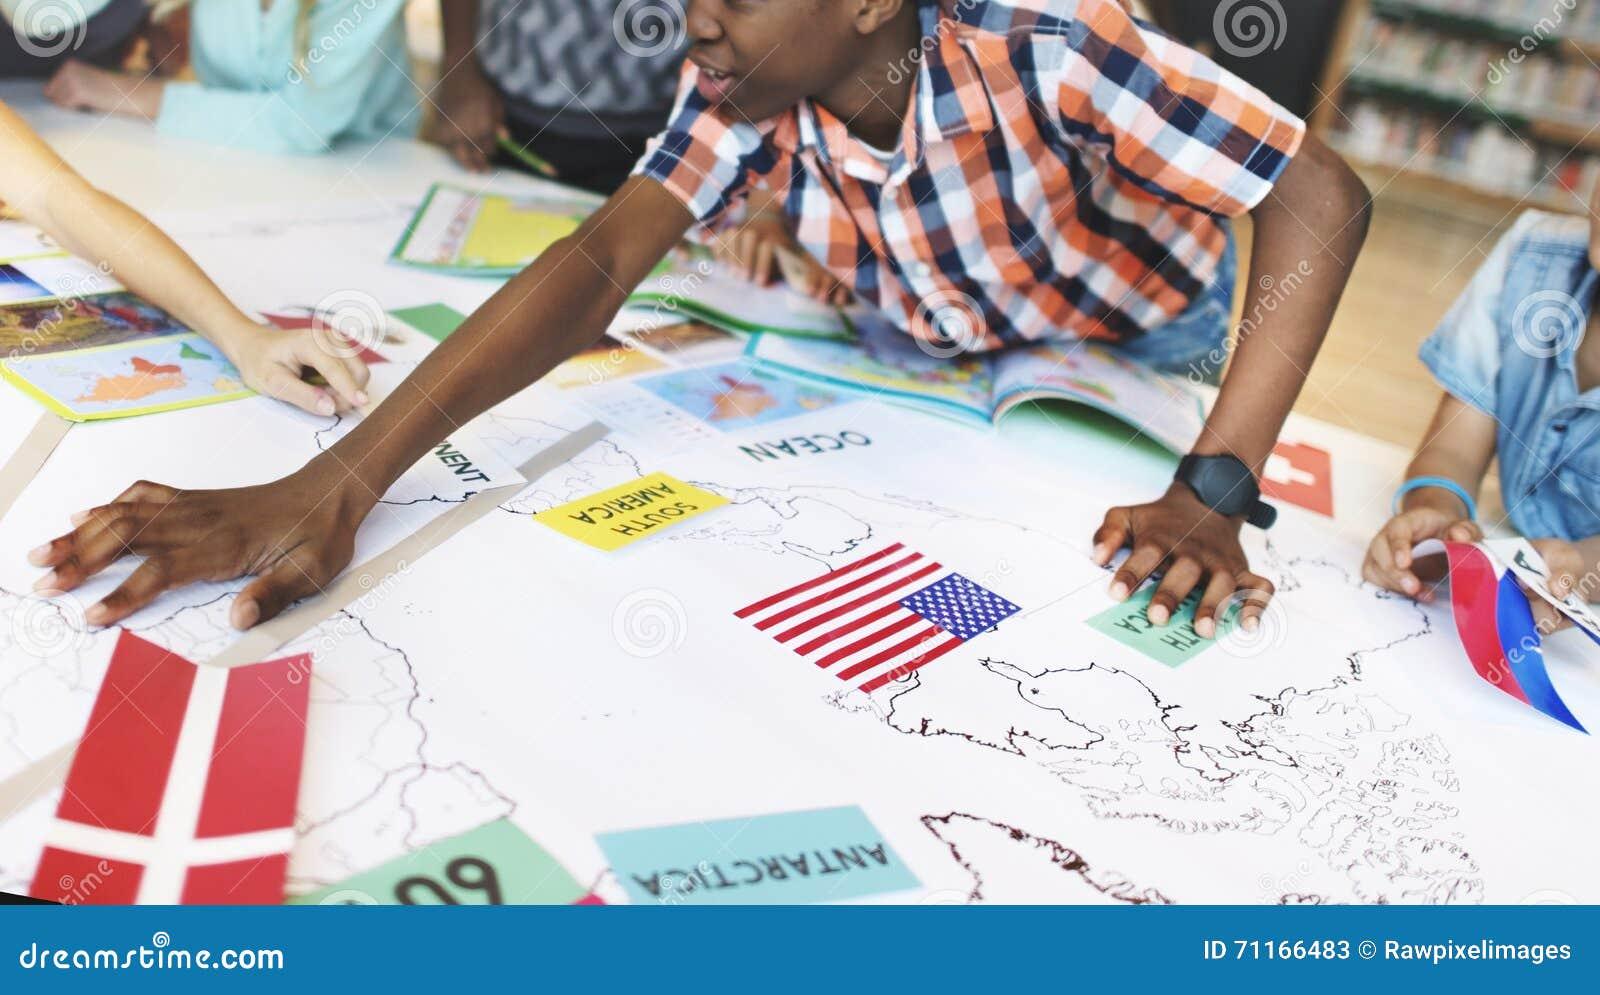 Världsomspännande utforskare Continent Country Concept för geografi